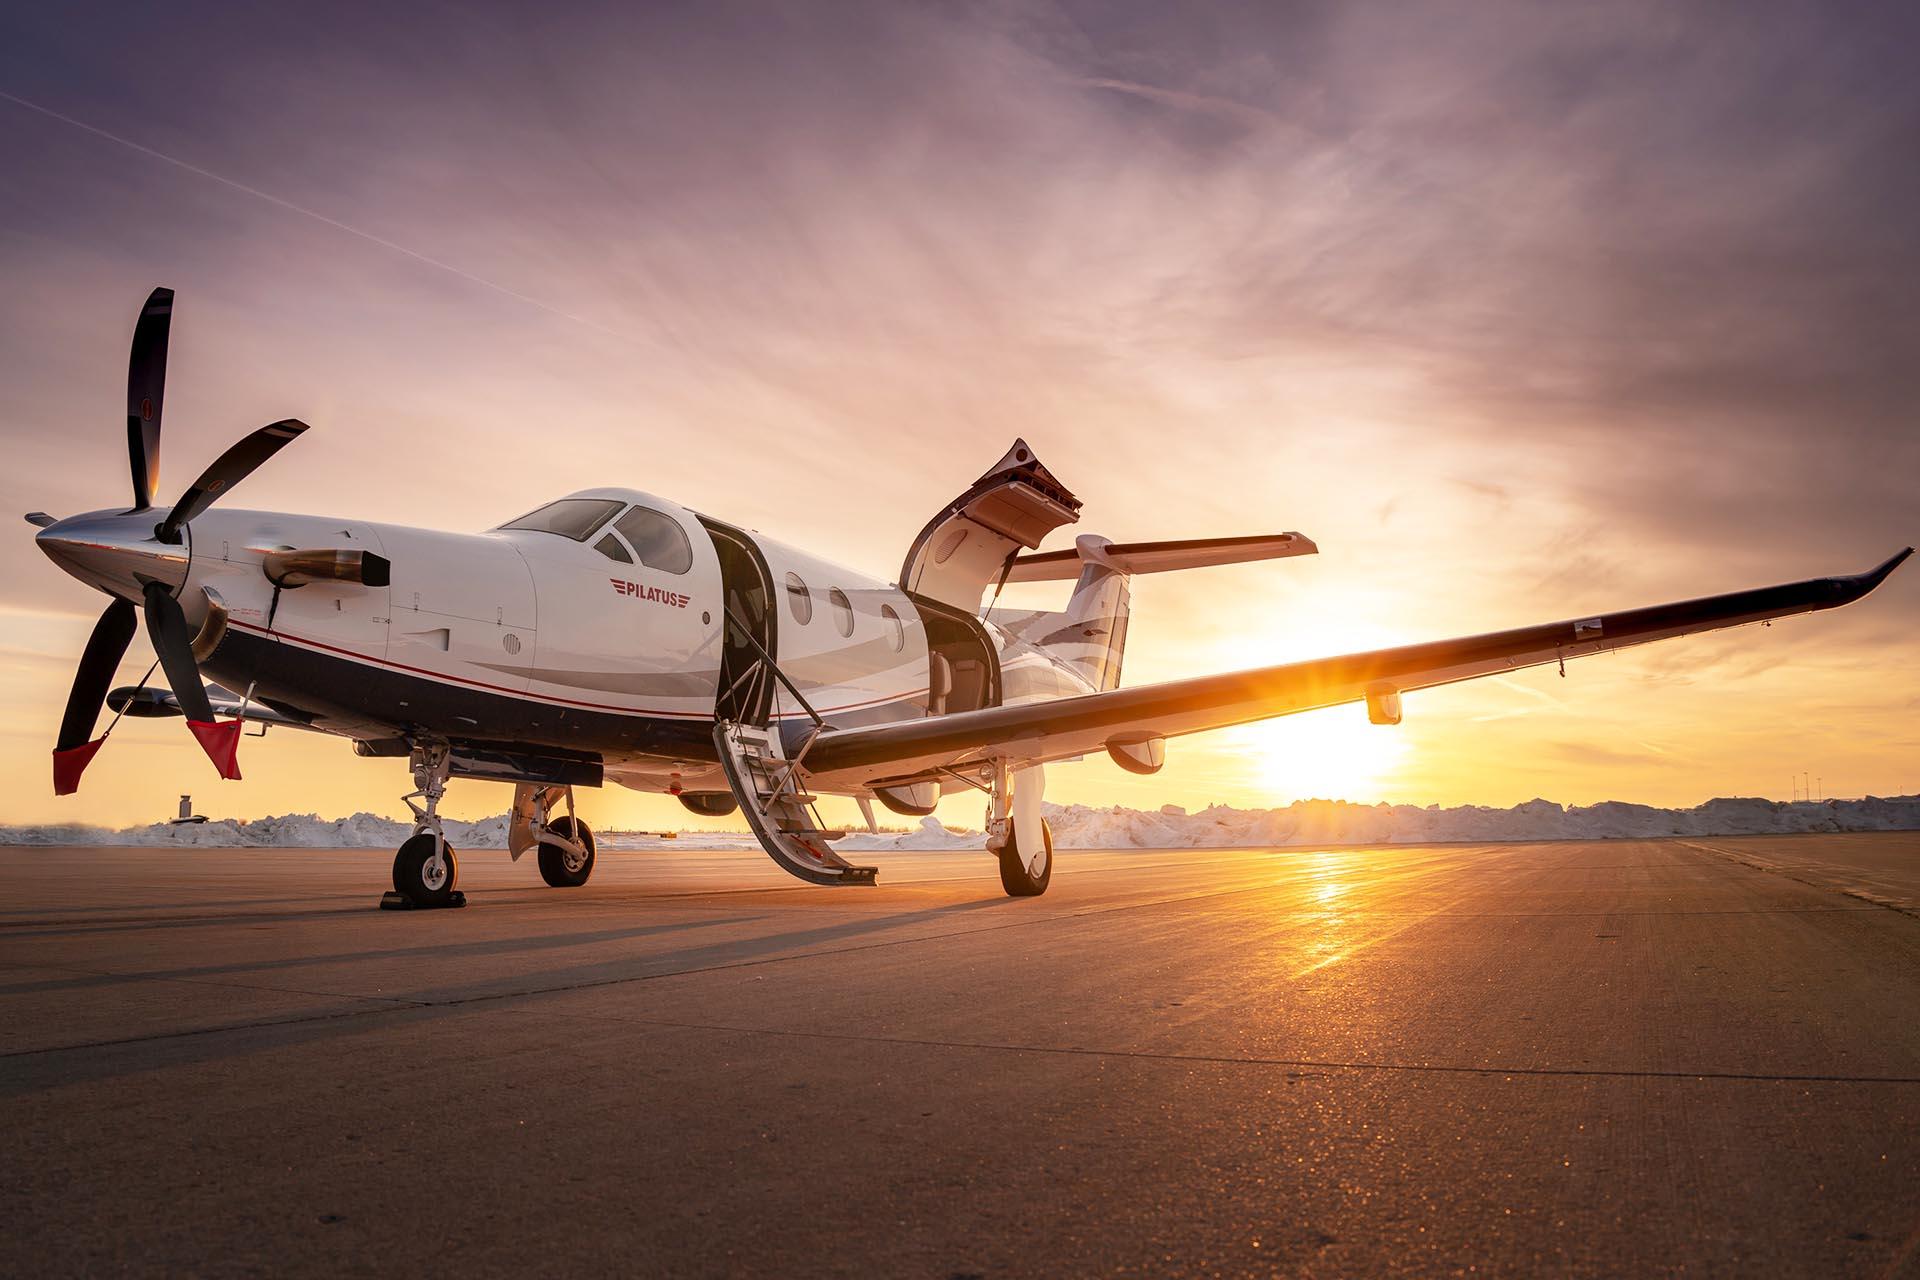 fargo jet center premier jet center aircraft paint services interior services pilatus pc-12